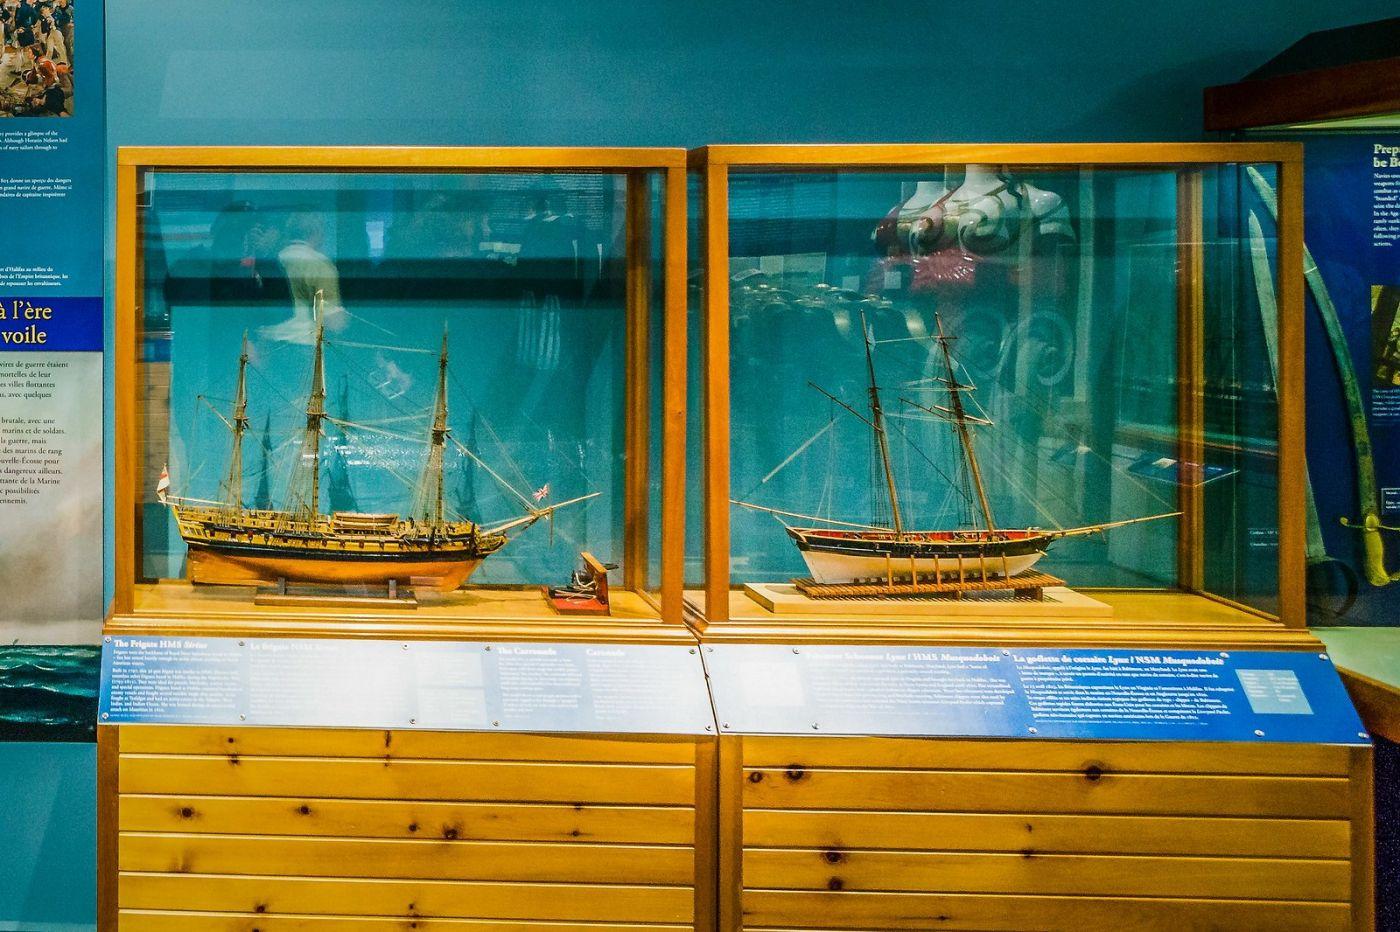 加拿大哈利法克斯(Halifax)大西洋海事博物馆_图1-14